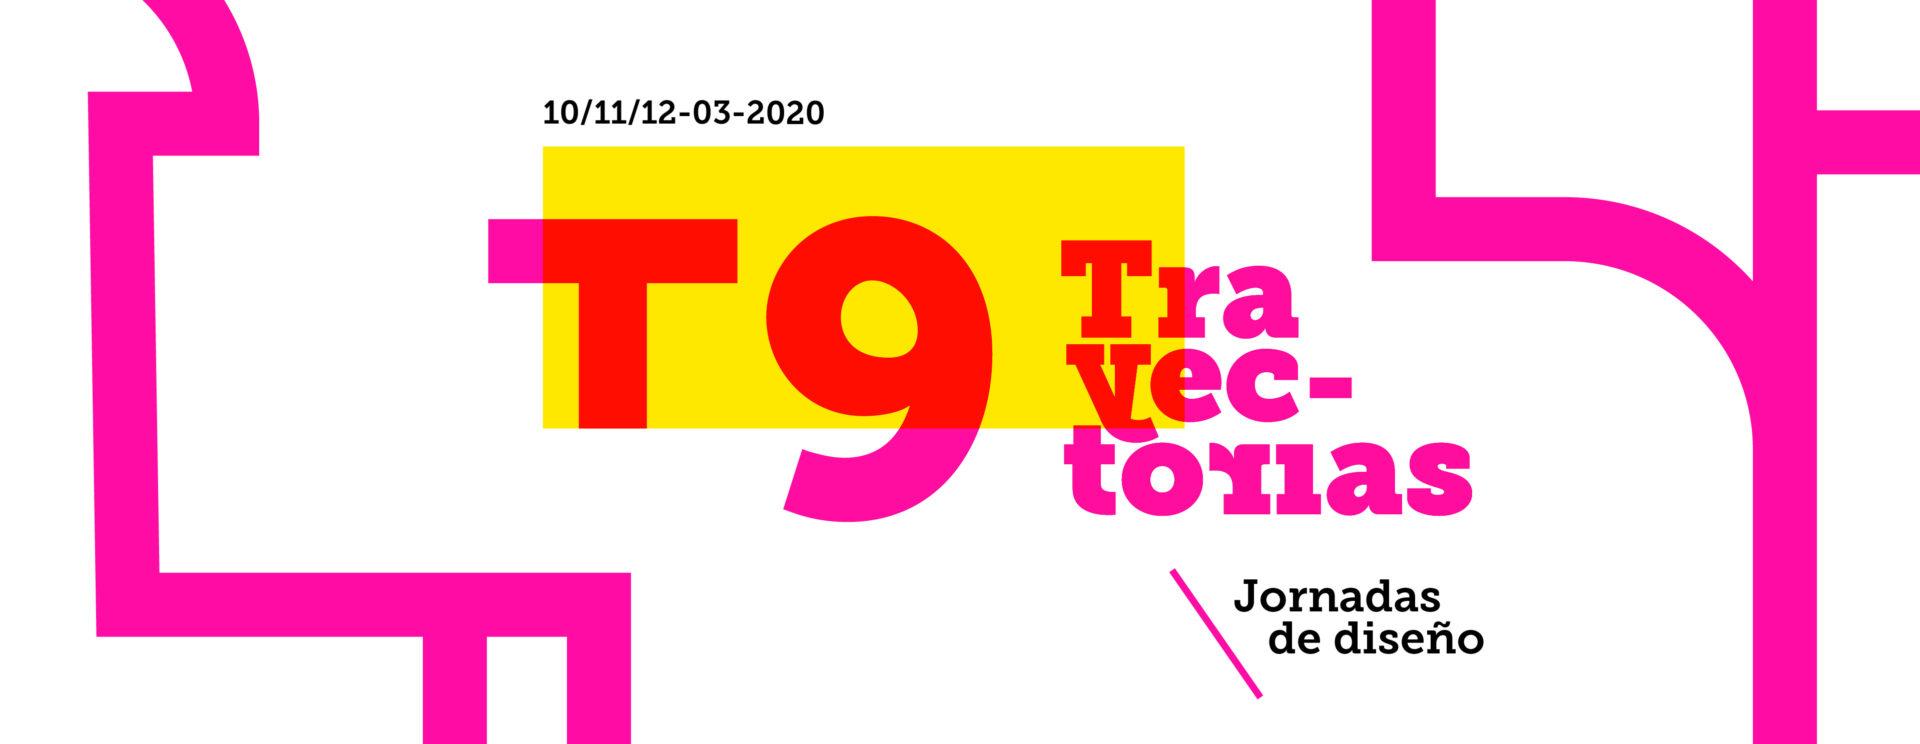 Trayectorias 9 - Jornadas de diseño en la Escuela de Arte de Jerez